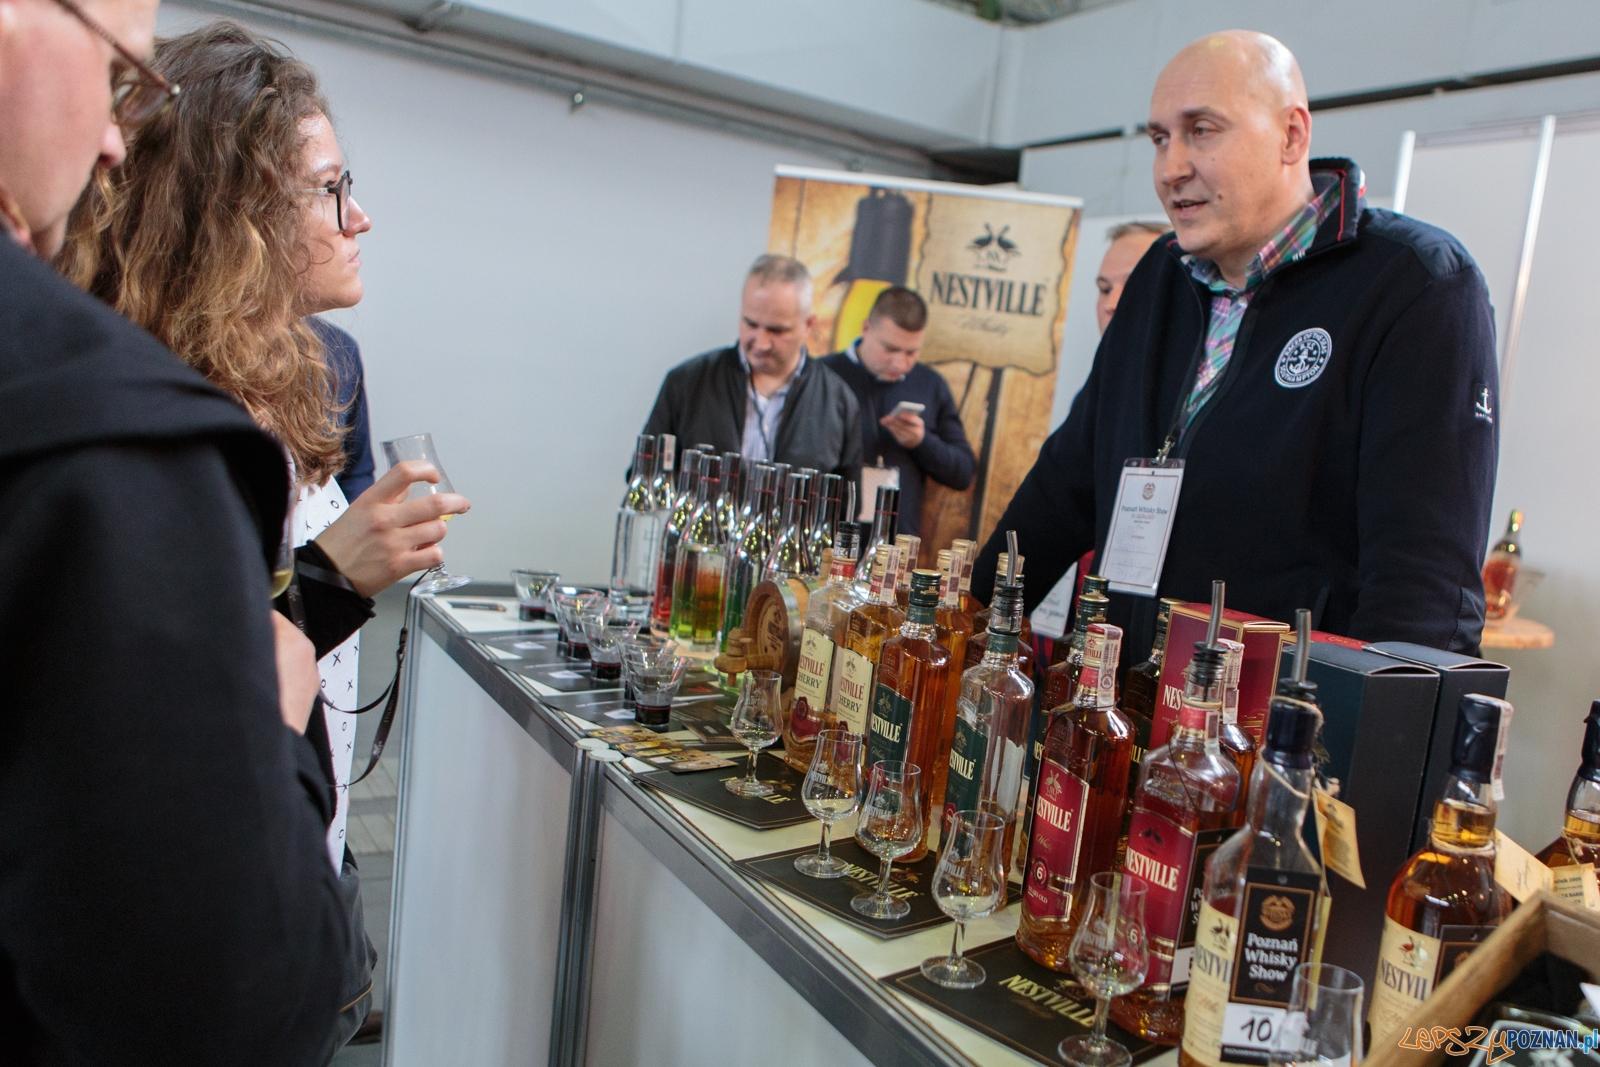 II Poznań Whisky Show 2017 - Poznań 21.04.2017 r.  Foto: LepszyPOZNAN.pl / Paweł Rychter